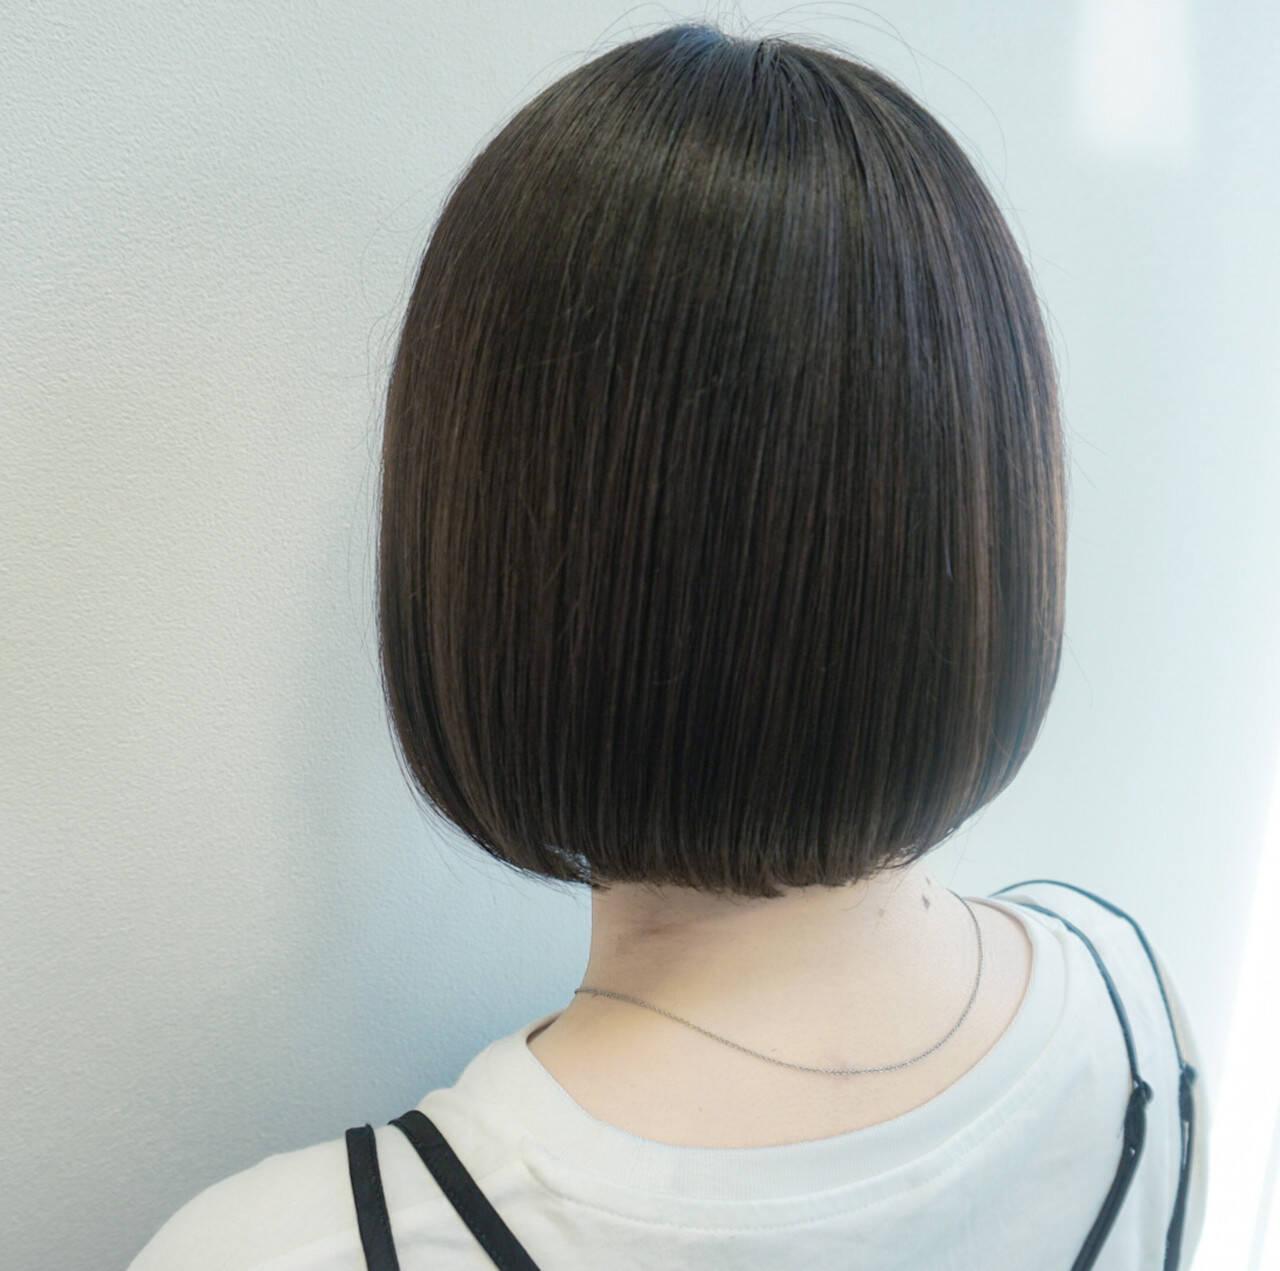 ショートボブ ショートヘア インナーカラー ミニボブヘアスタイルや髪型の写真・画像